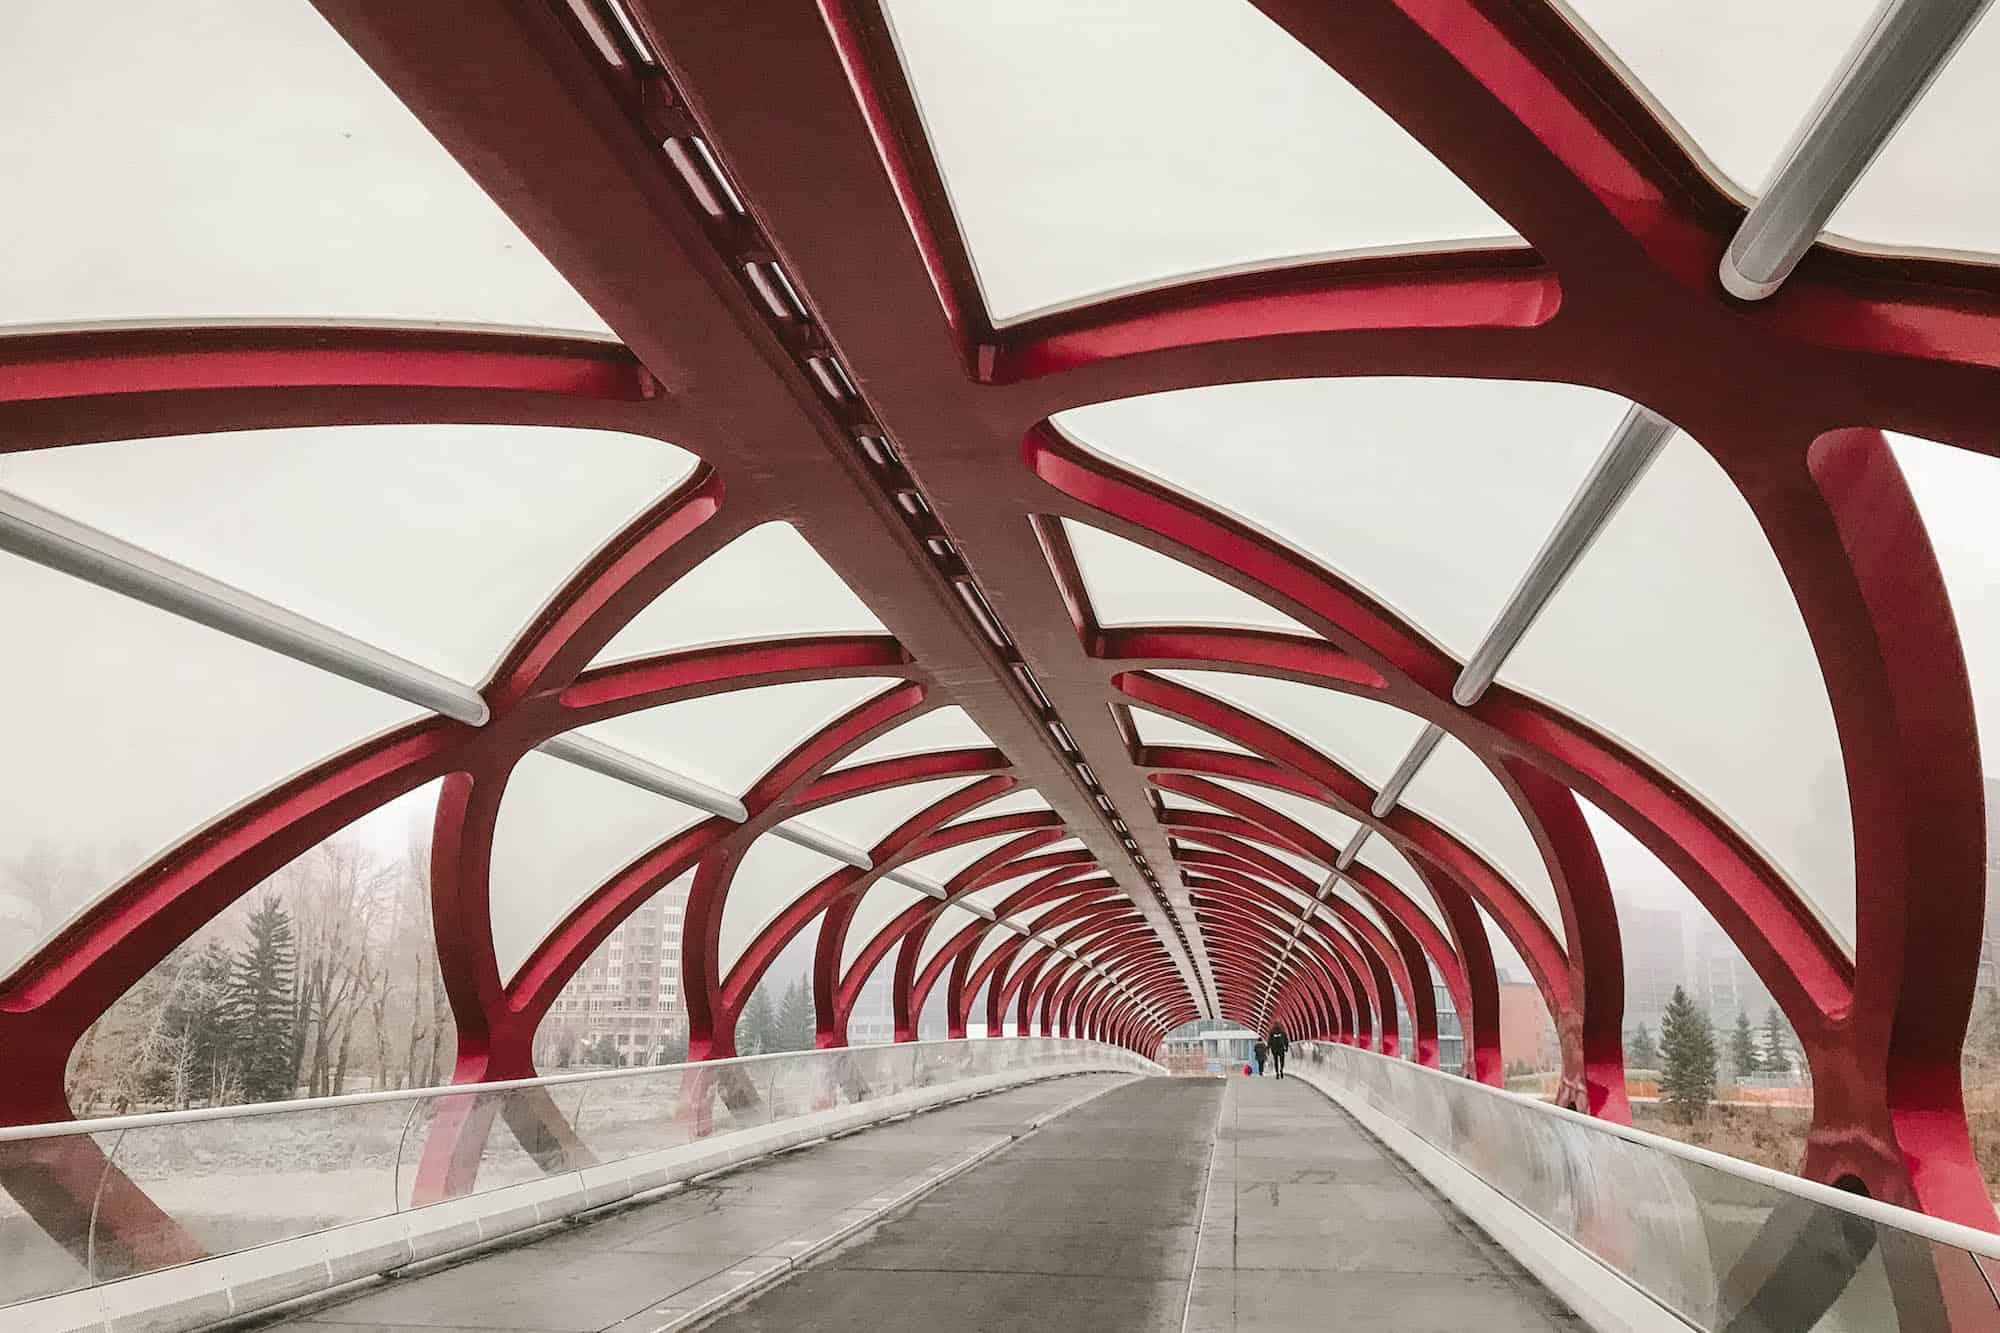 Peace Bridge in Calgary, Alberta